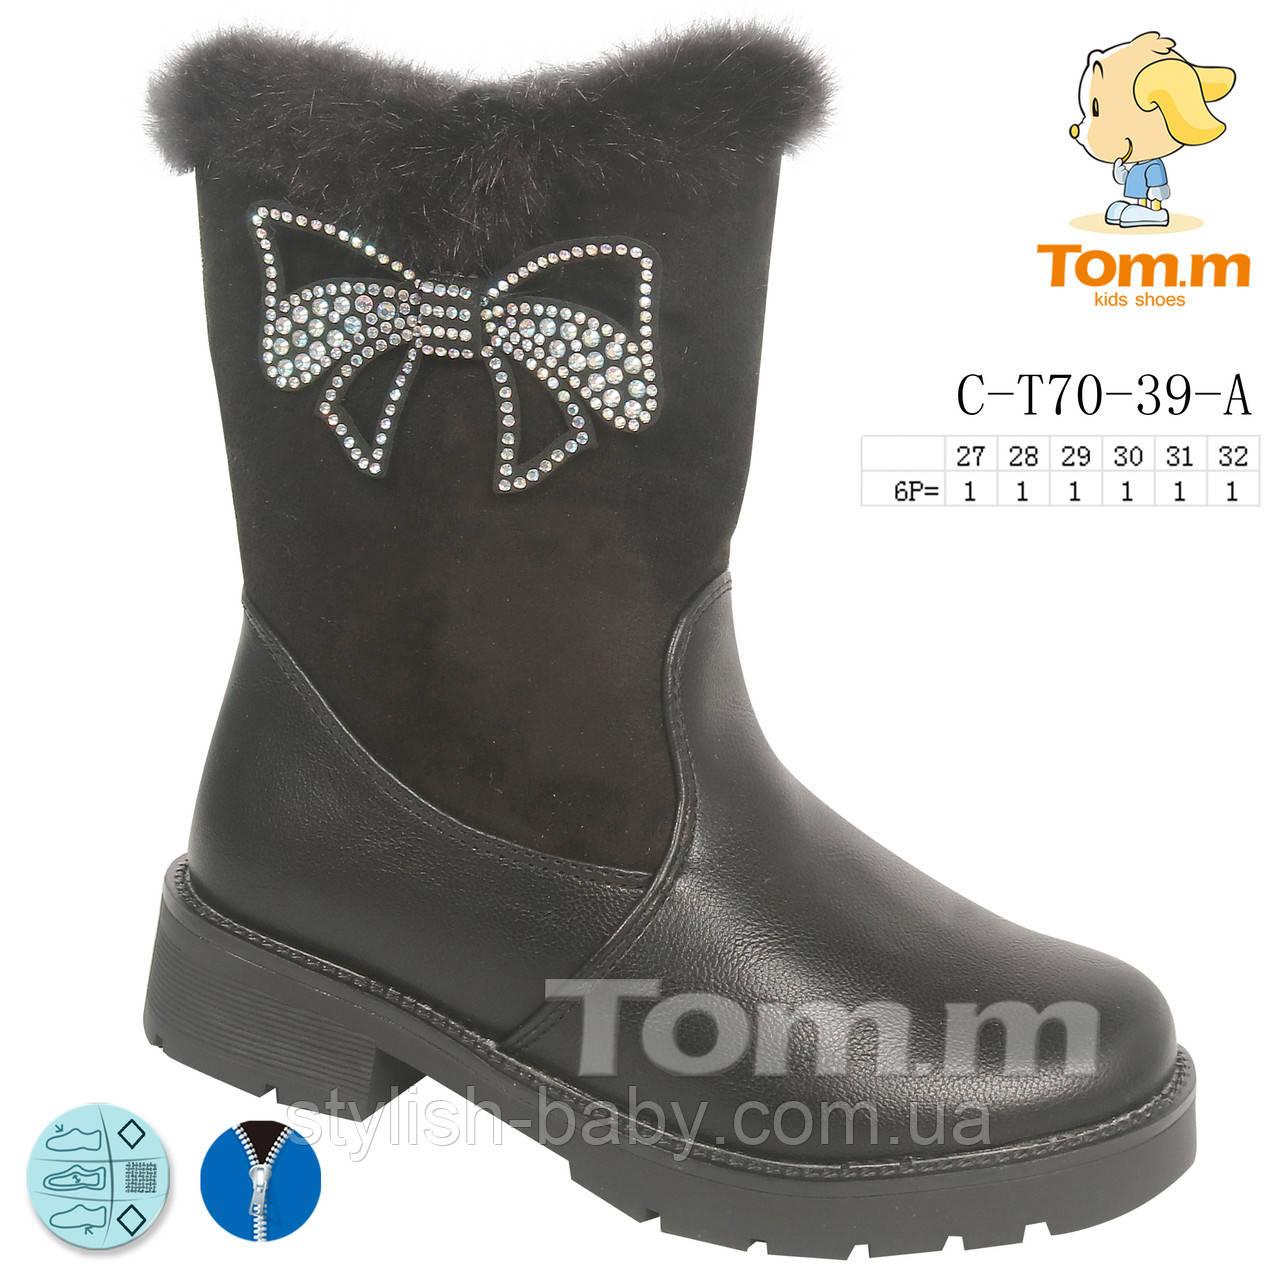 Новейшая детская зимняя коллекция 2019 оптом. Детская зимняя обувь бренда Tom.m для девочек (рр. с 27 по 32)